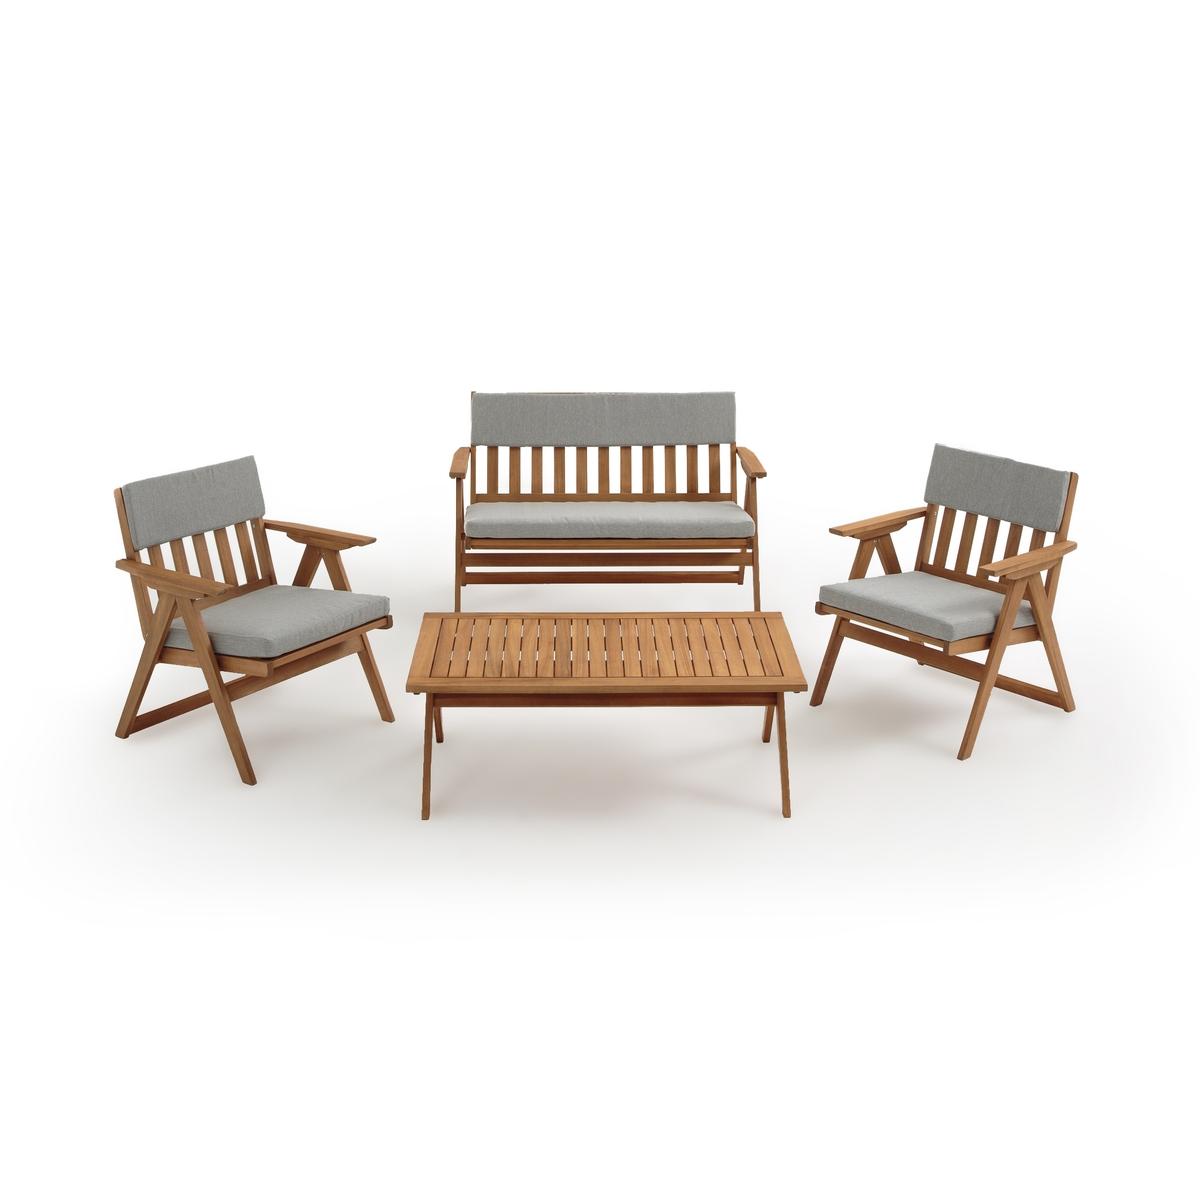 Мебель LaRedoute Для сада из 4 предметов Folda единый размер бежевый